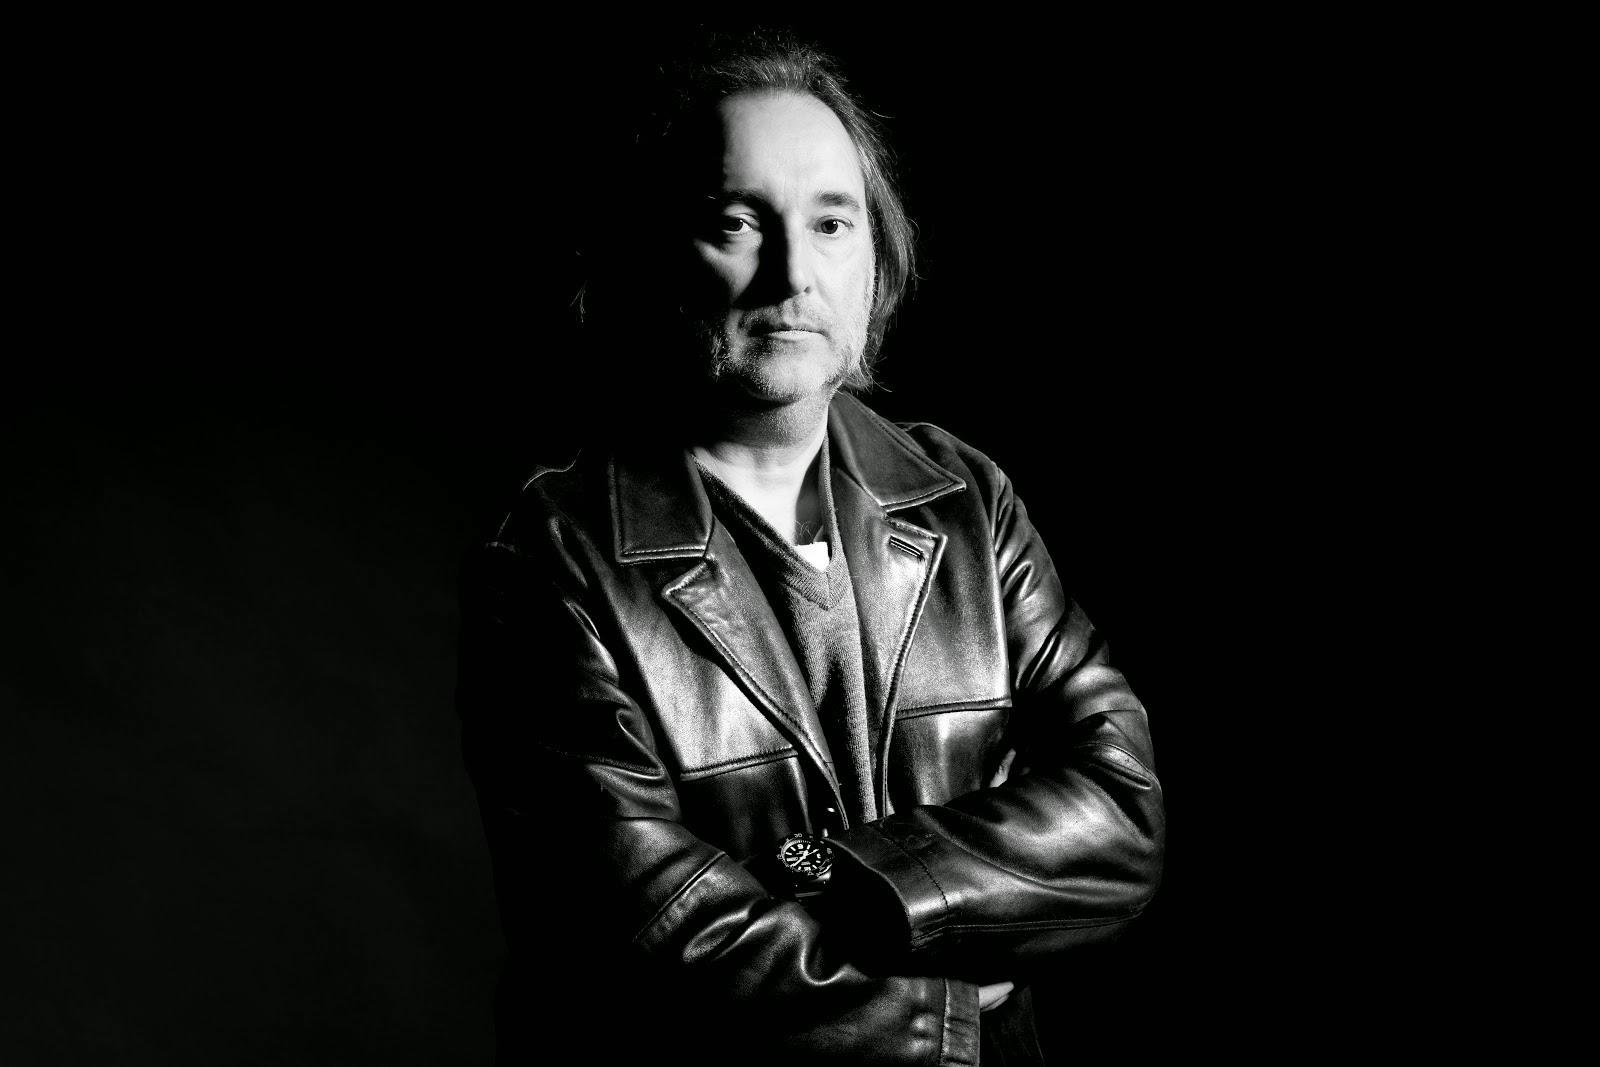 E. Gorostiaga (2014)